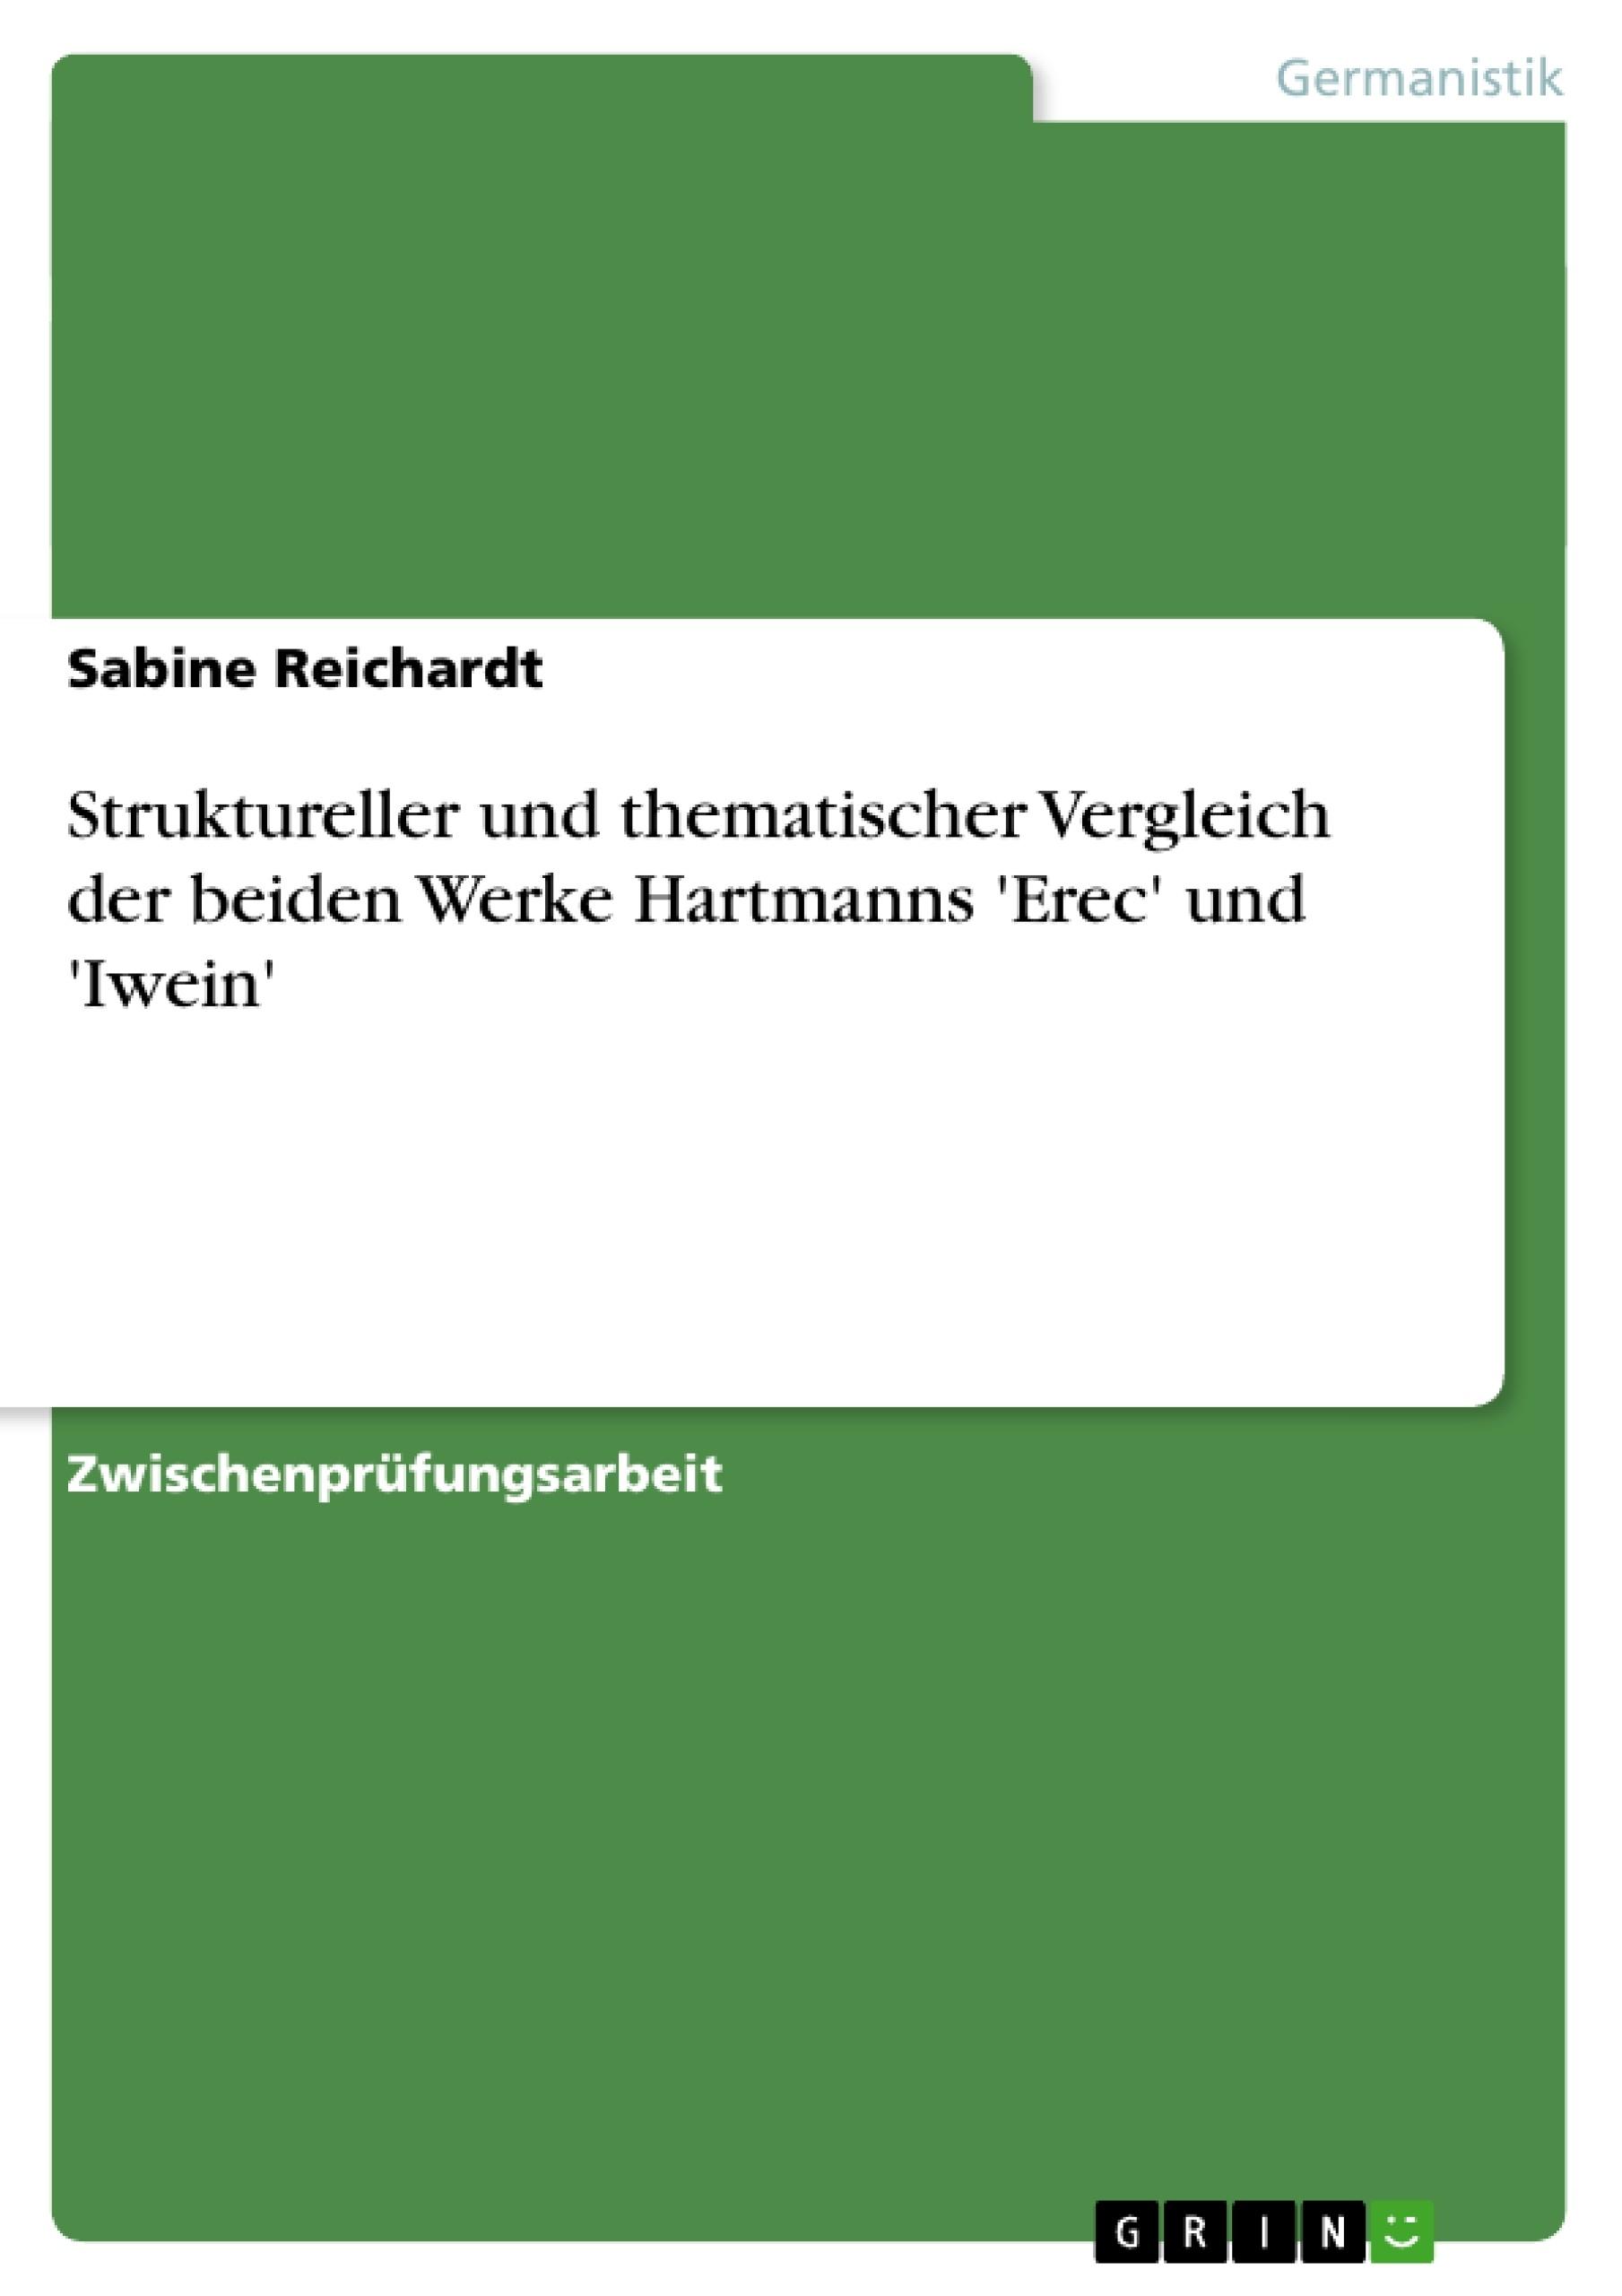 Titel: Struktureller und thematischer Vergleich der beiden Werke Hartmanns 'Erec' und 'Iwein'